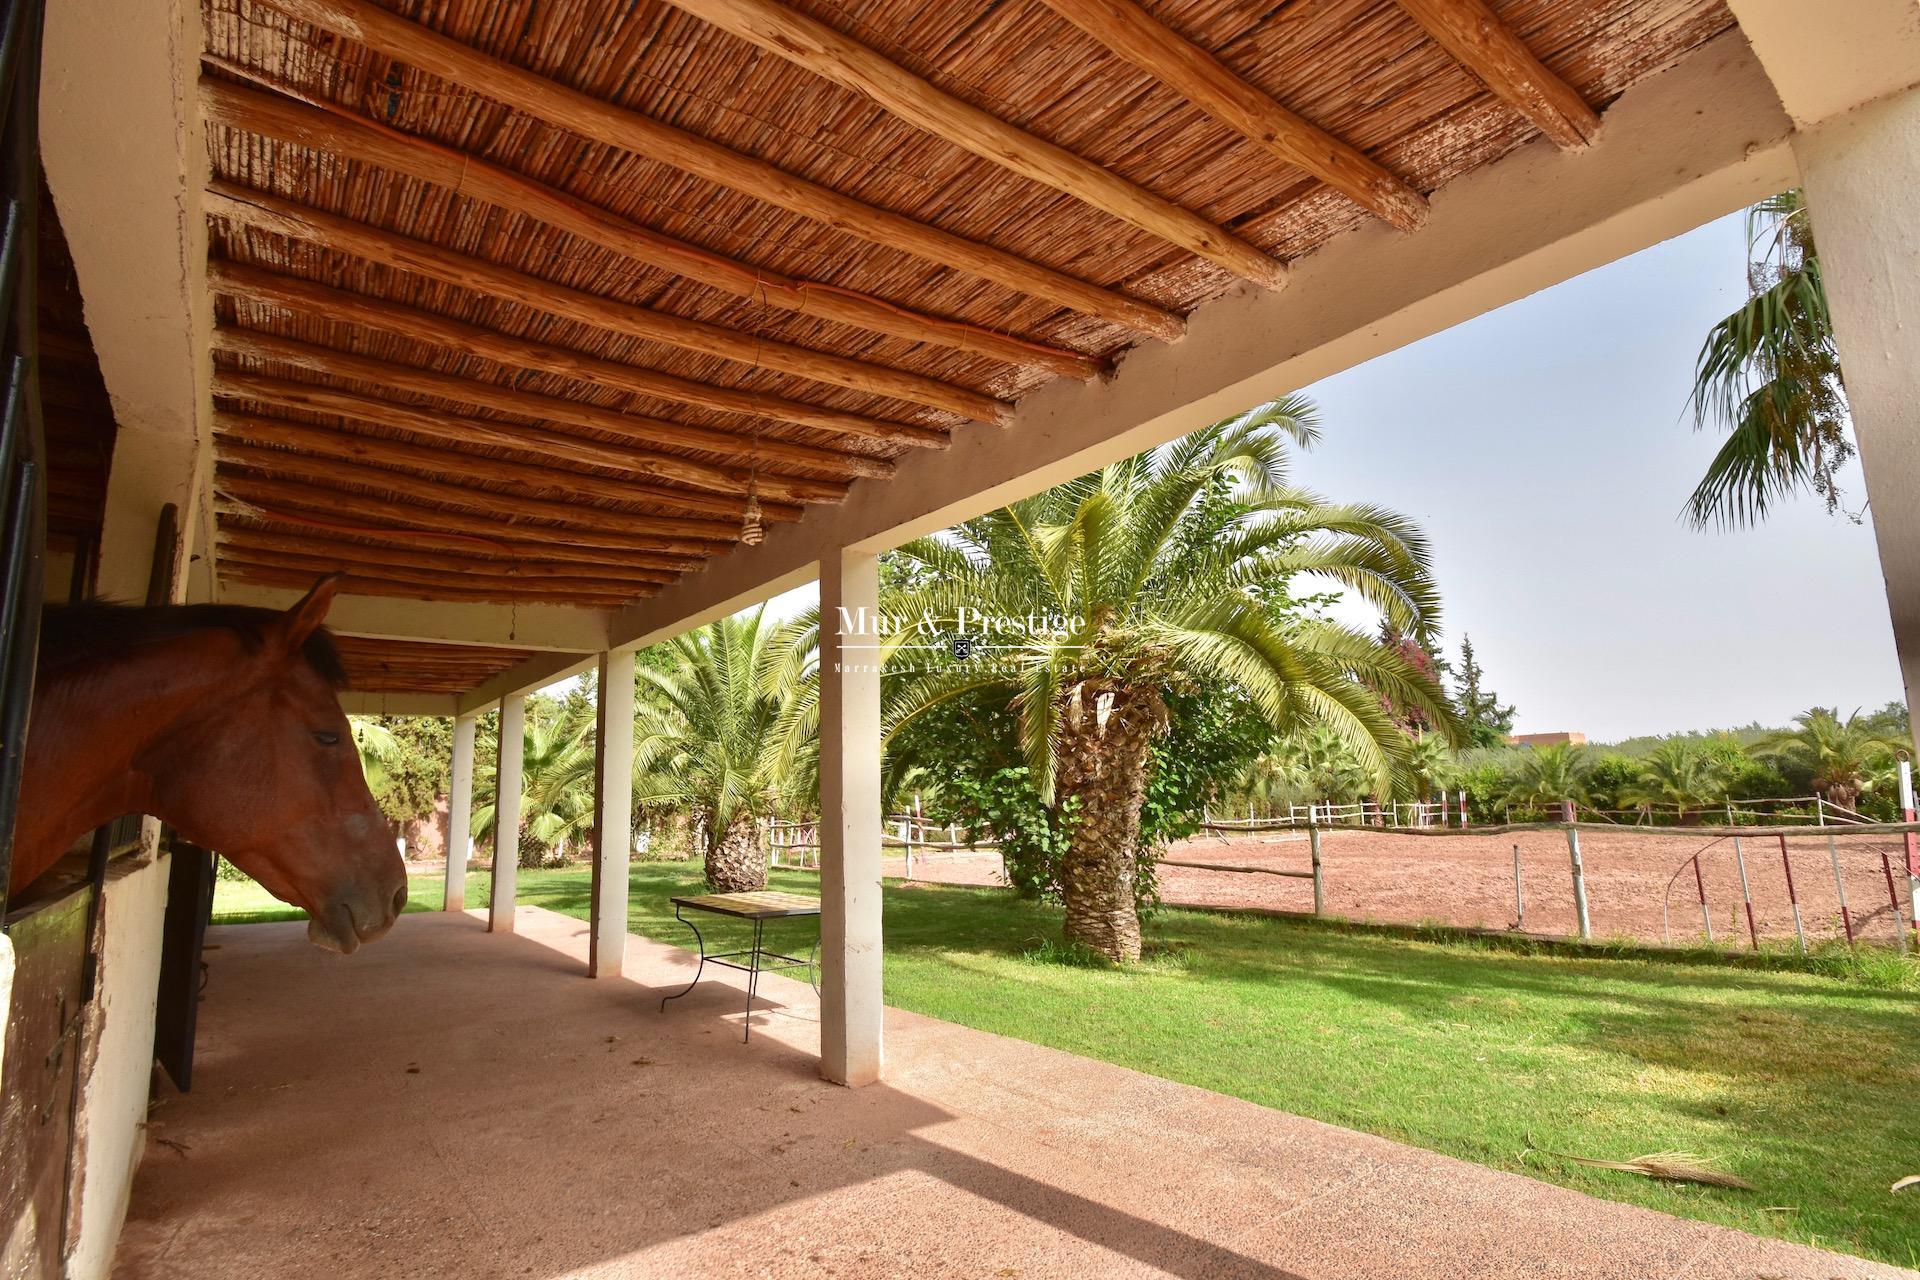 Maison avec clairière et box à chevaux à vendre à Marrakech